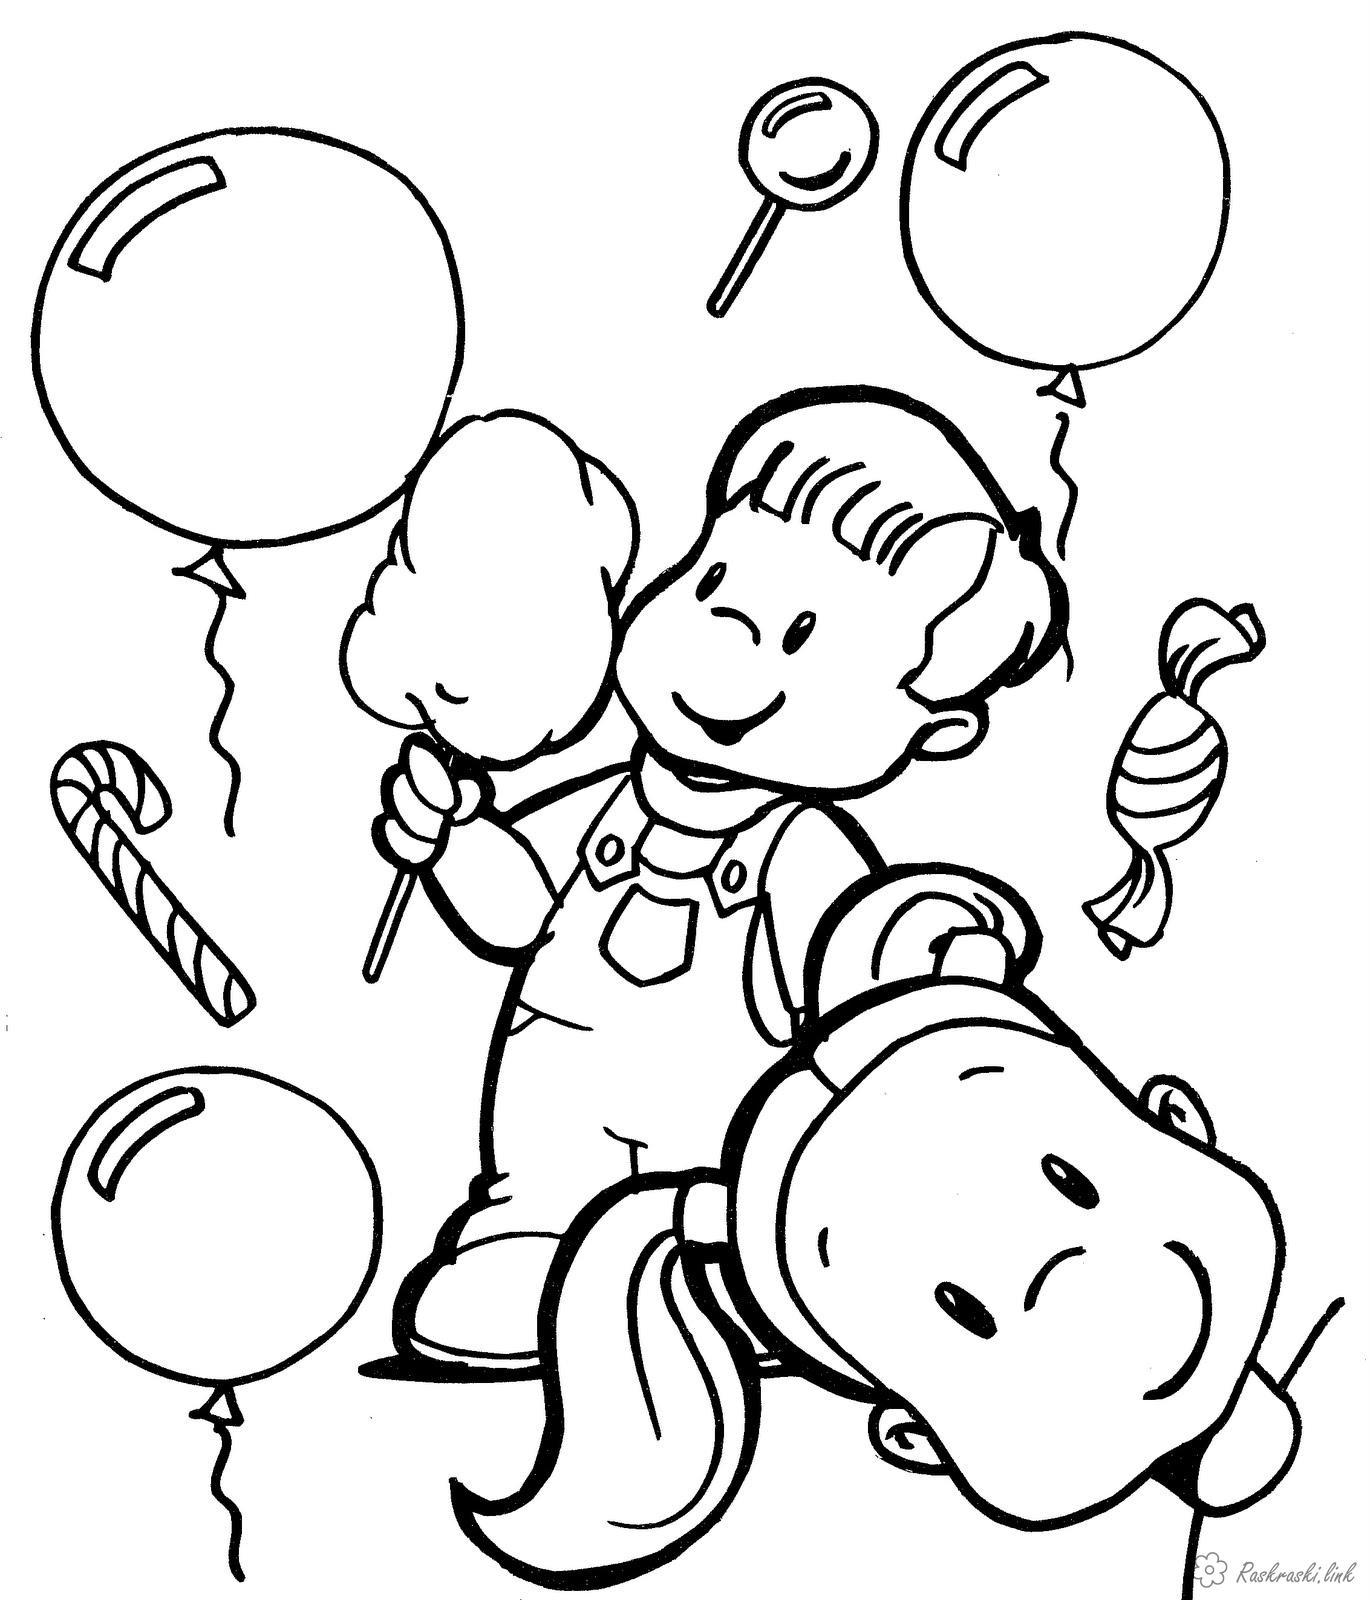 Розмальовки діти Свято 1 червня День захисту дітей діти хлопчик дівчинка солодощі цукерки